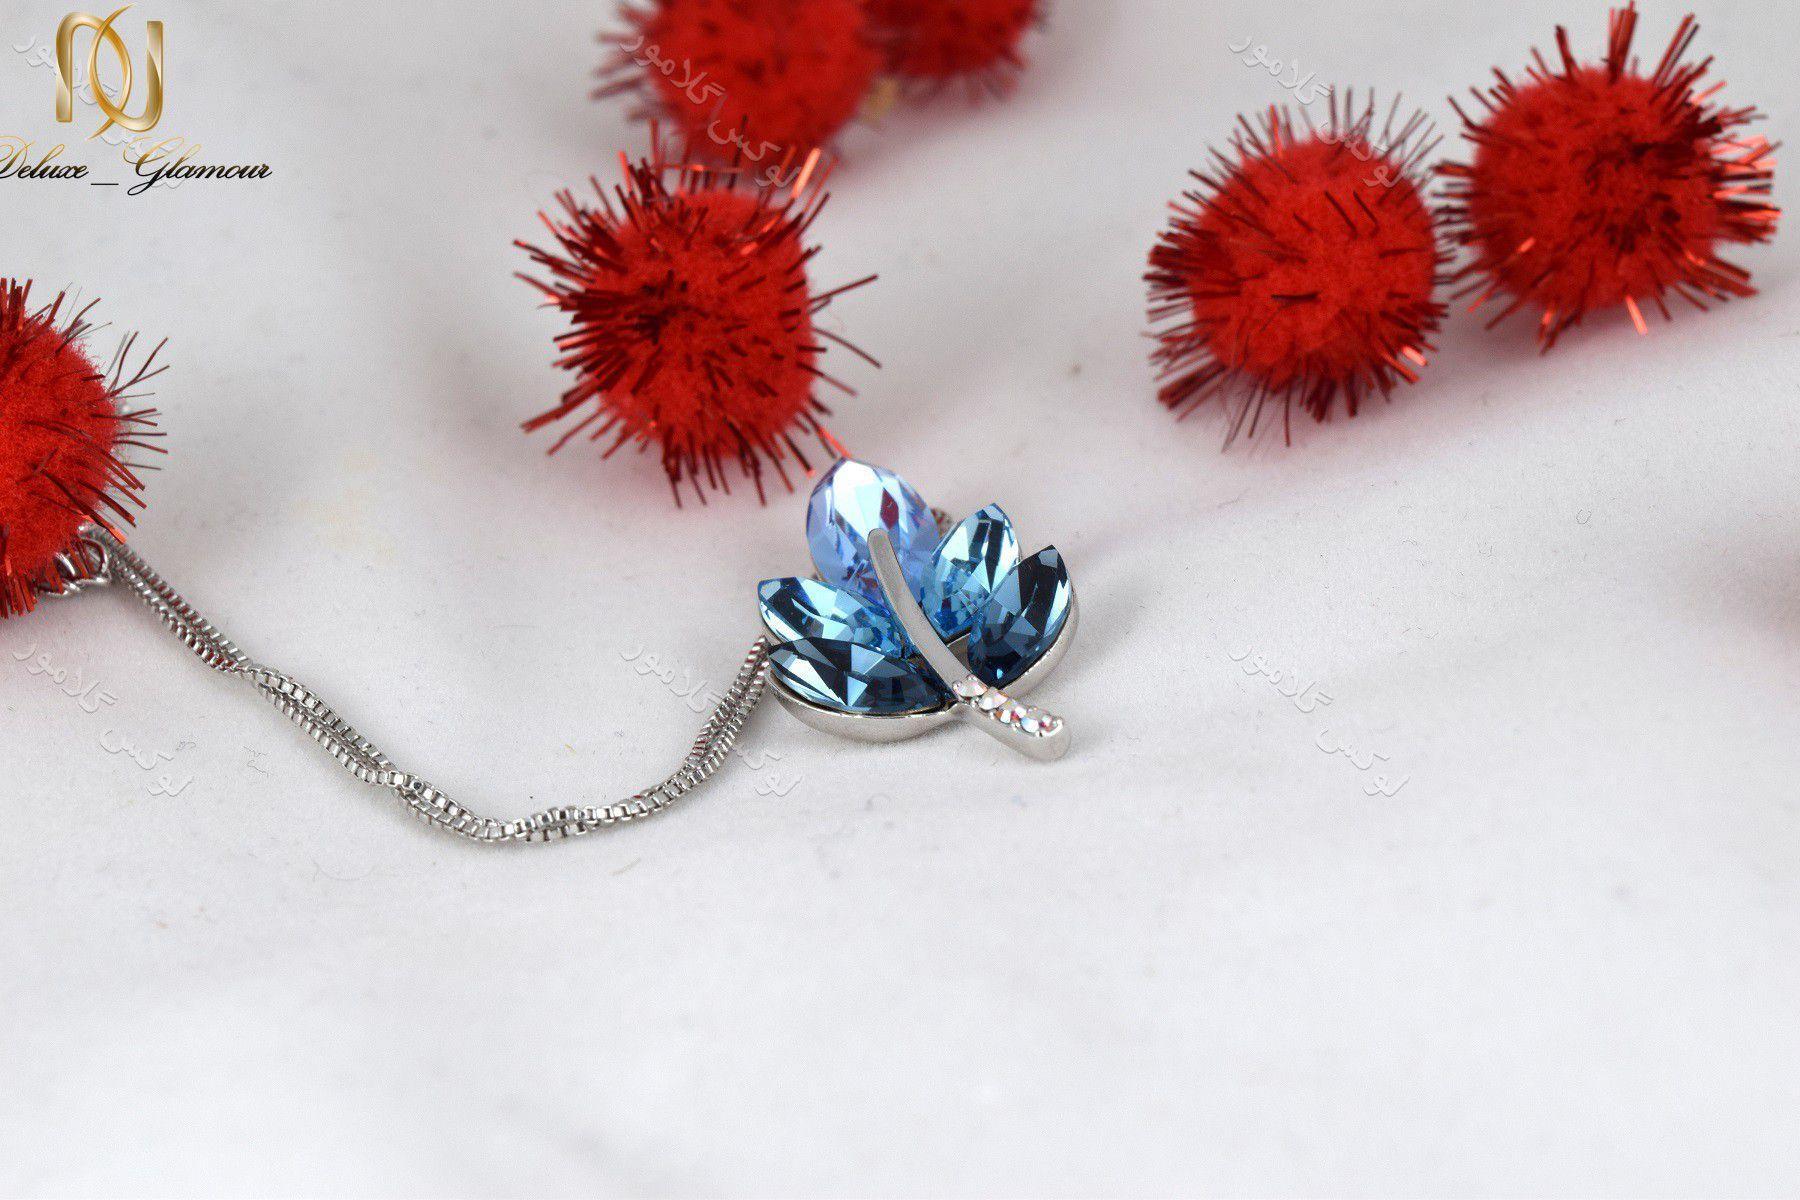 1گردنبند دخترانه طرح خوشه با کریستالهای سواروفسکی تم آبی Nw-n154 از کنار